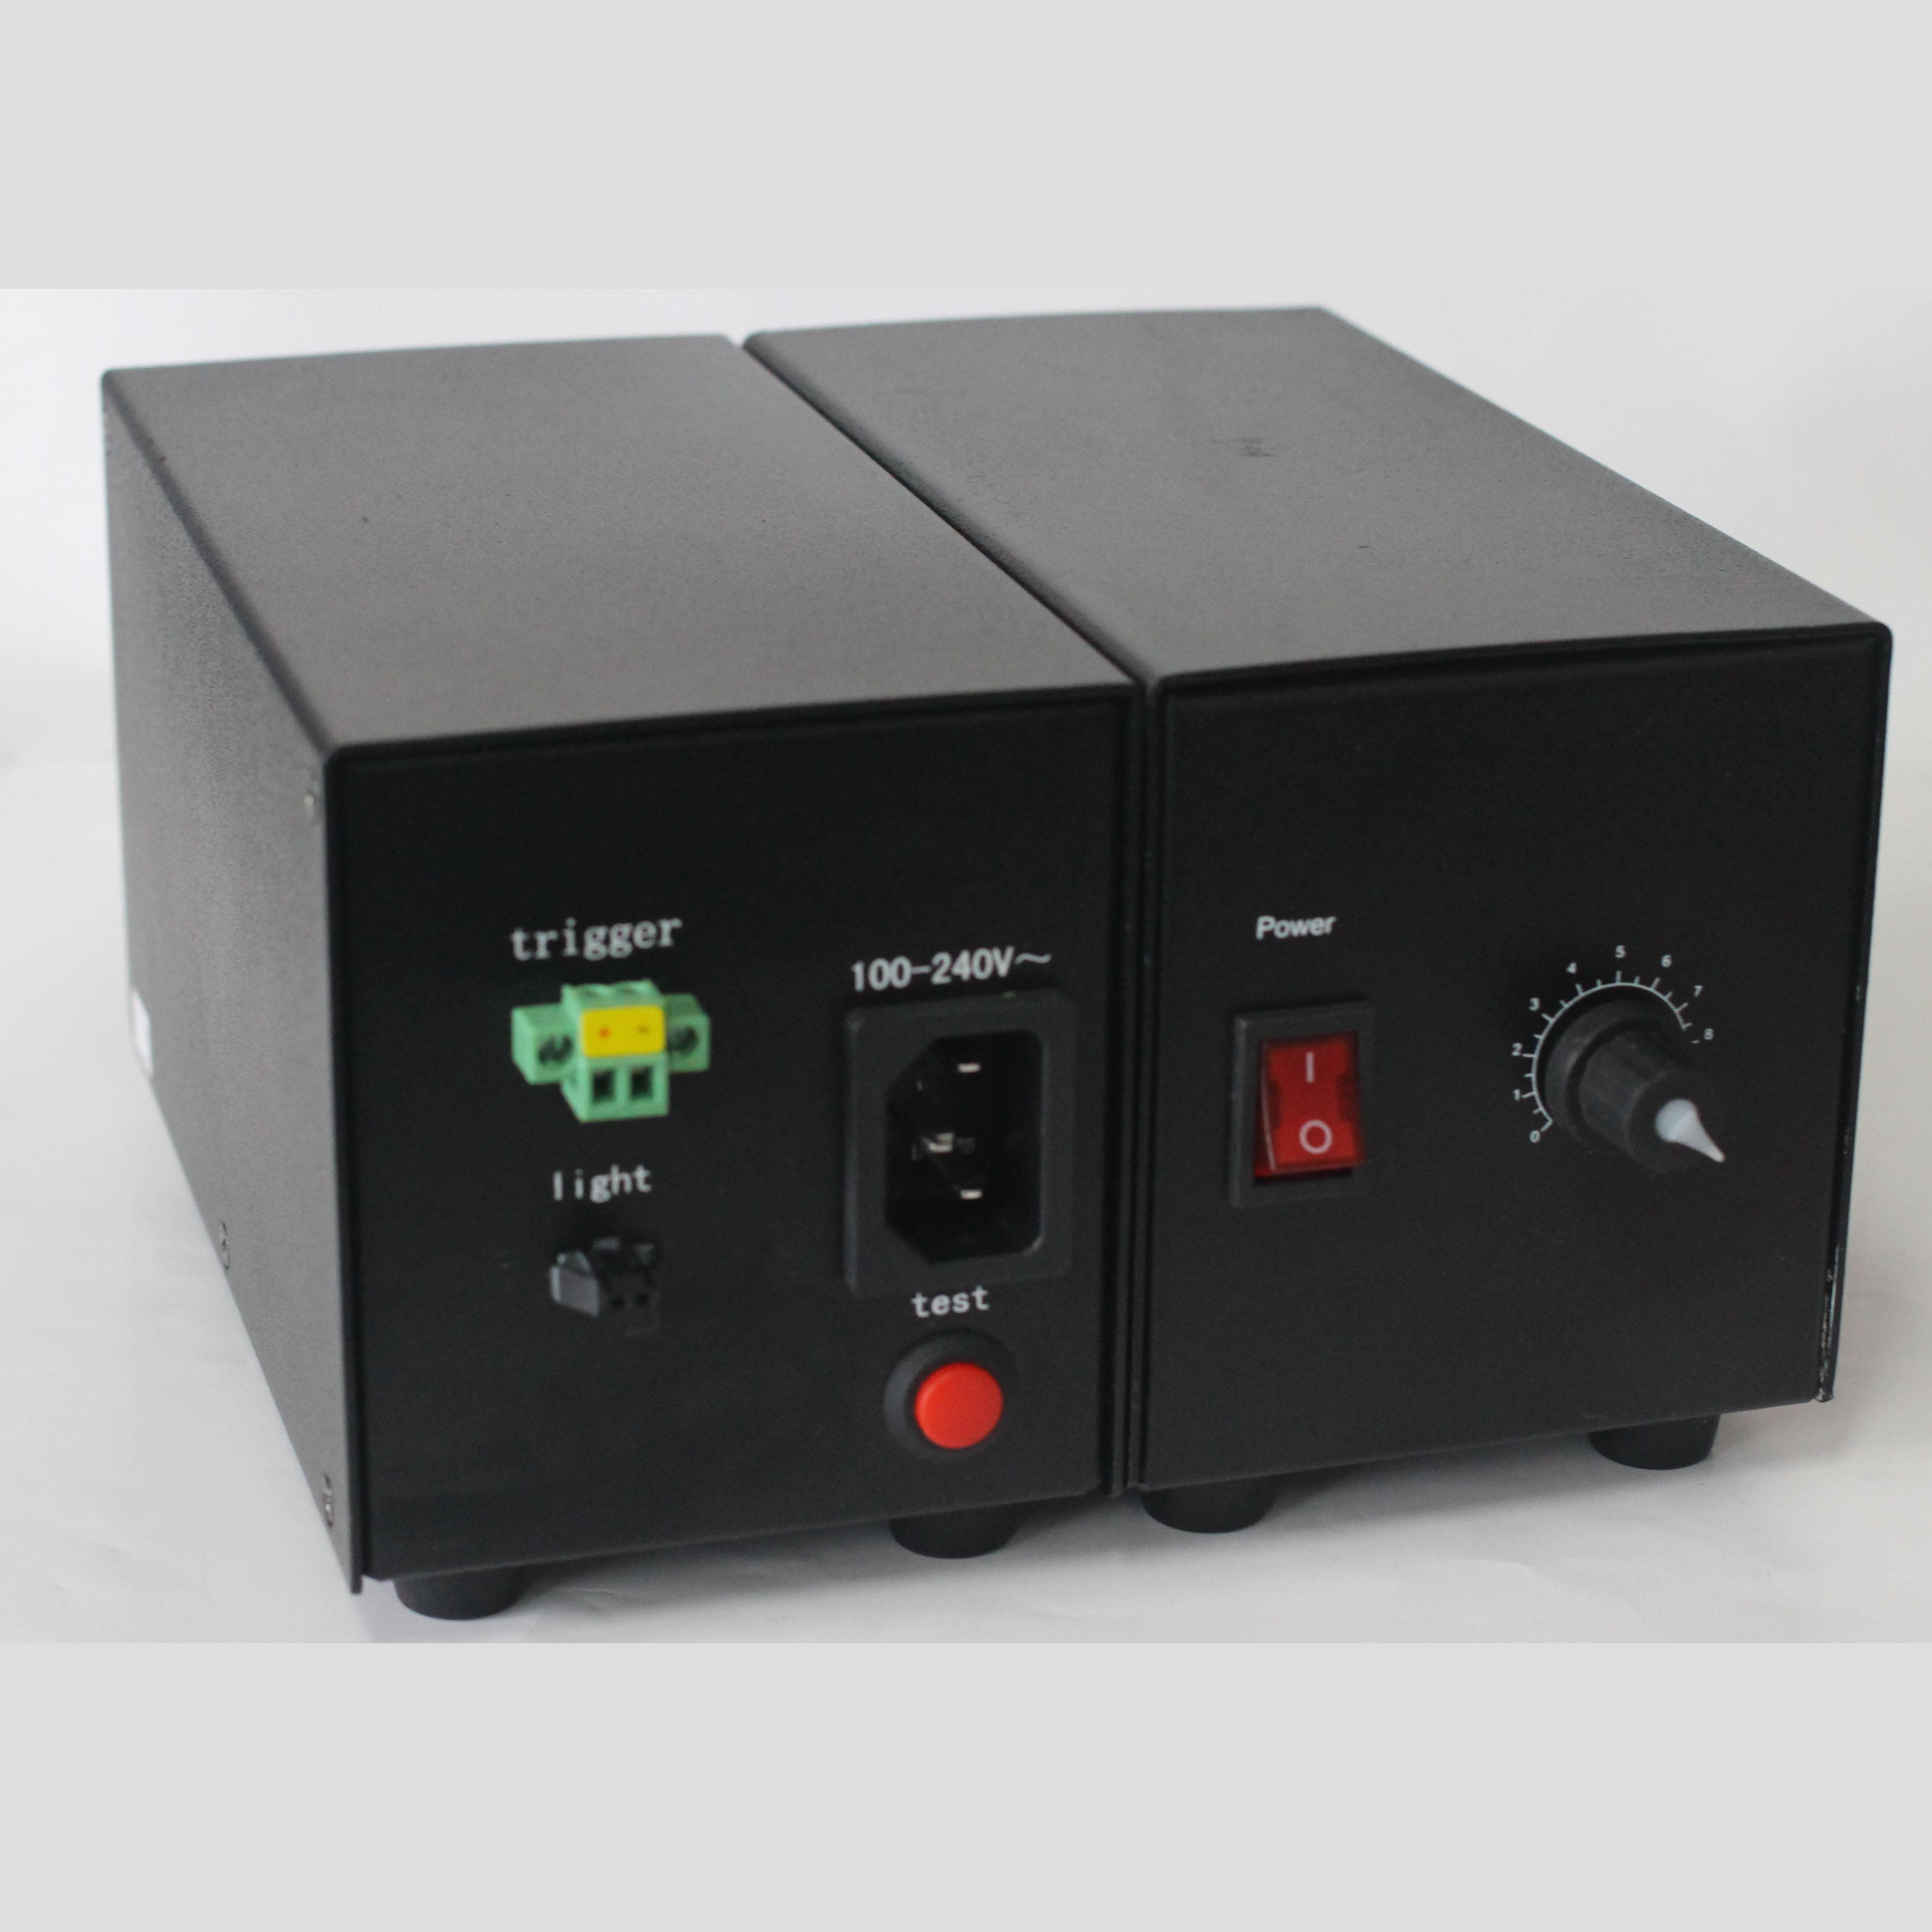 1路外触发模拟光源控制器